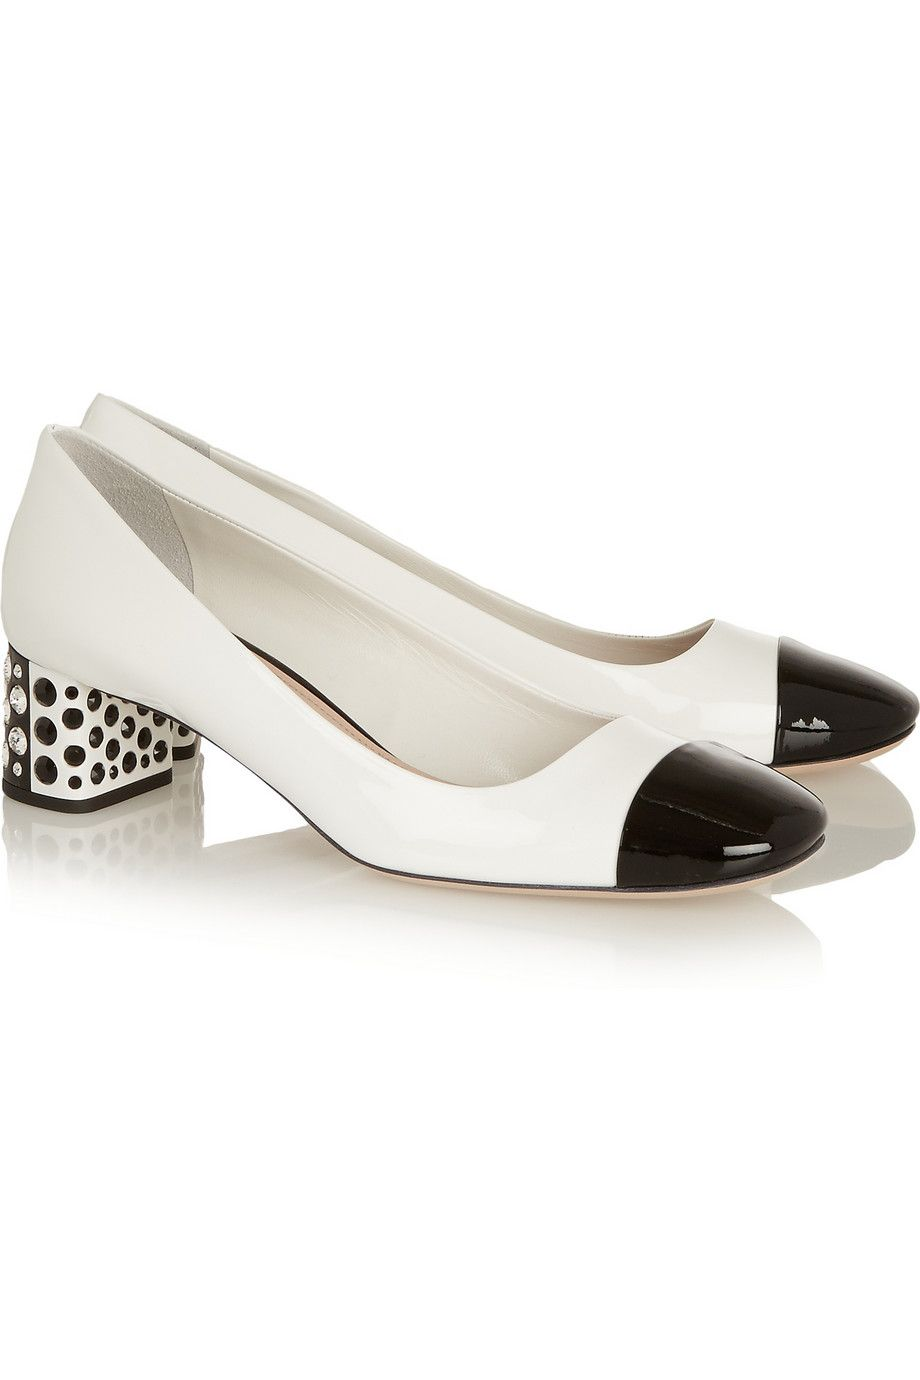 Miu Miu Black Patent Leather Crystal Embellished Heel Peep